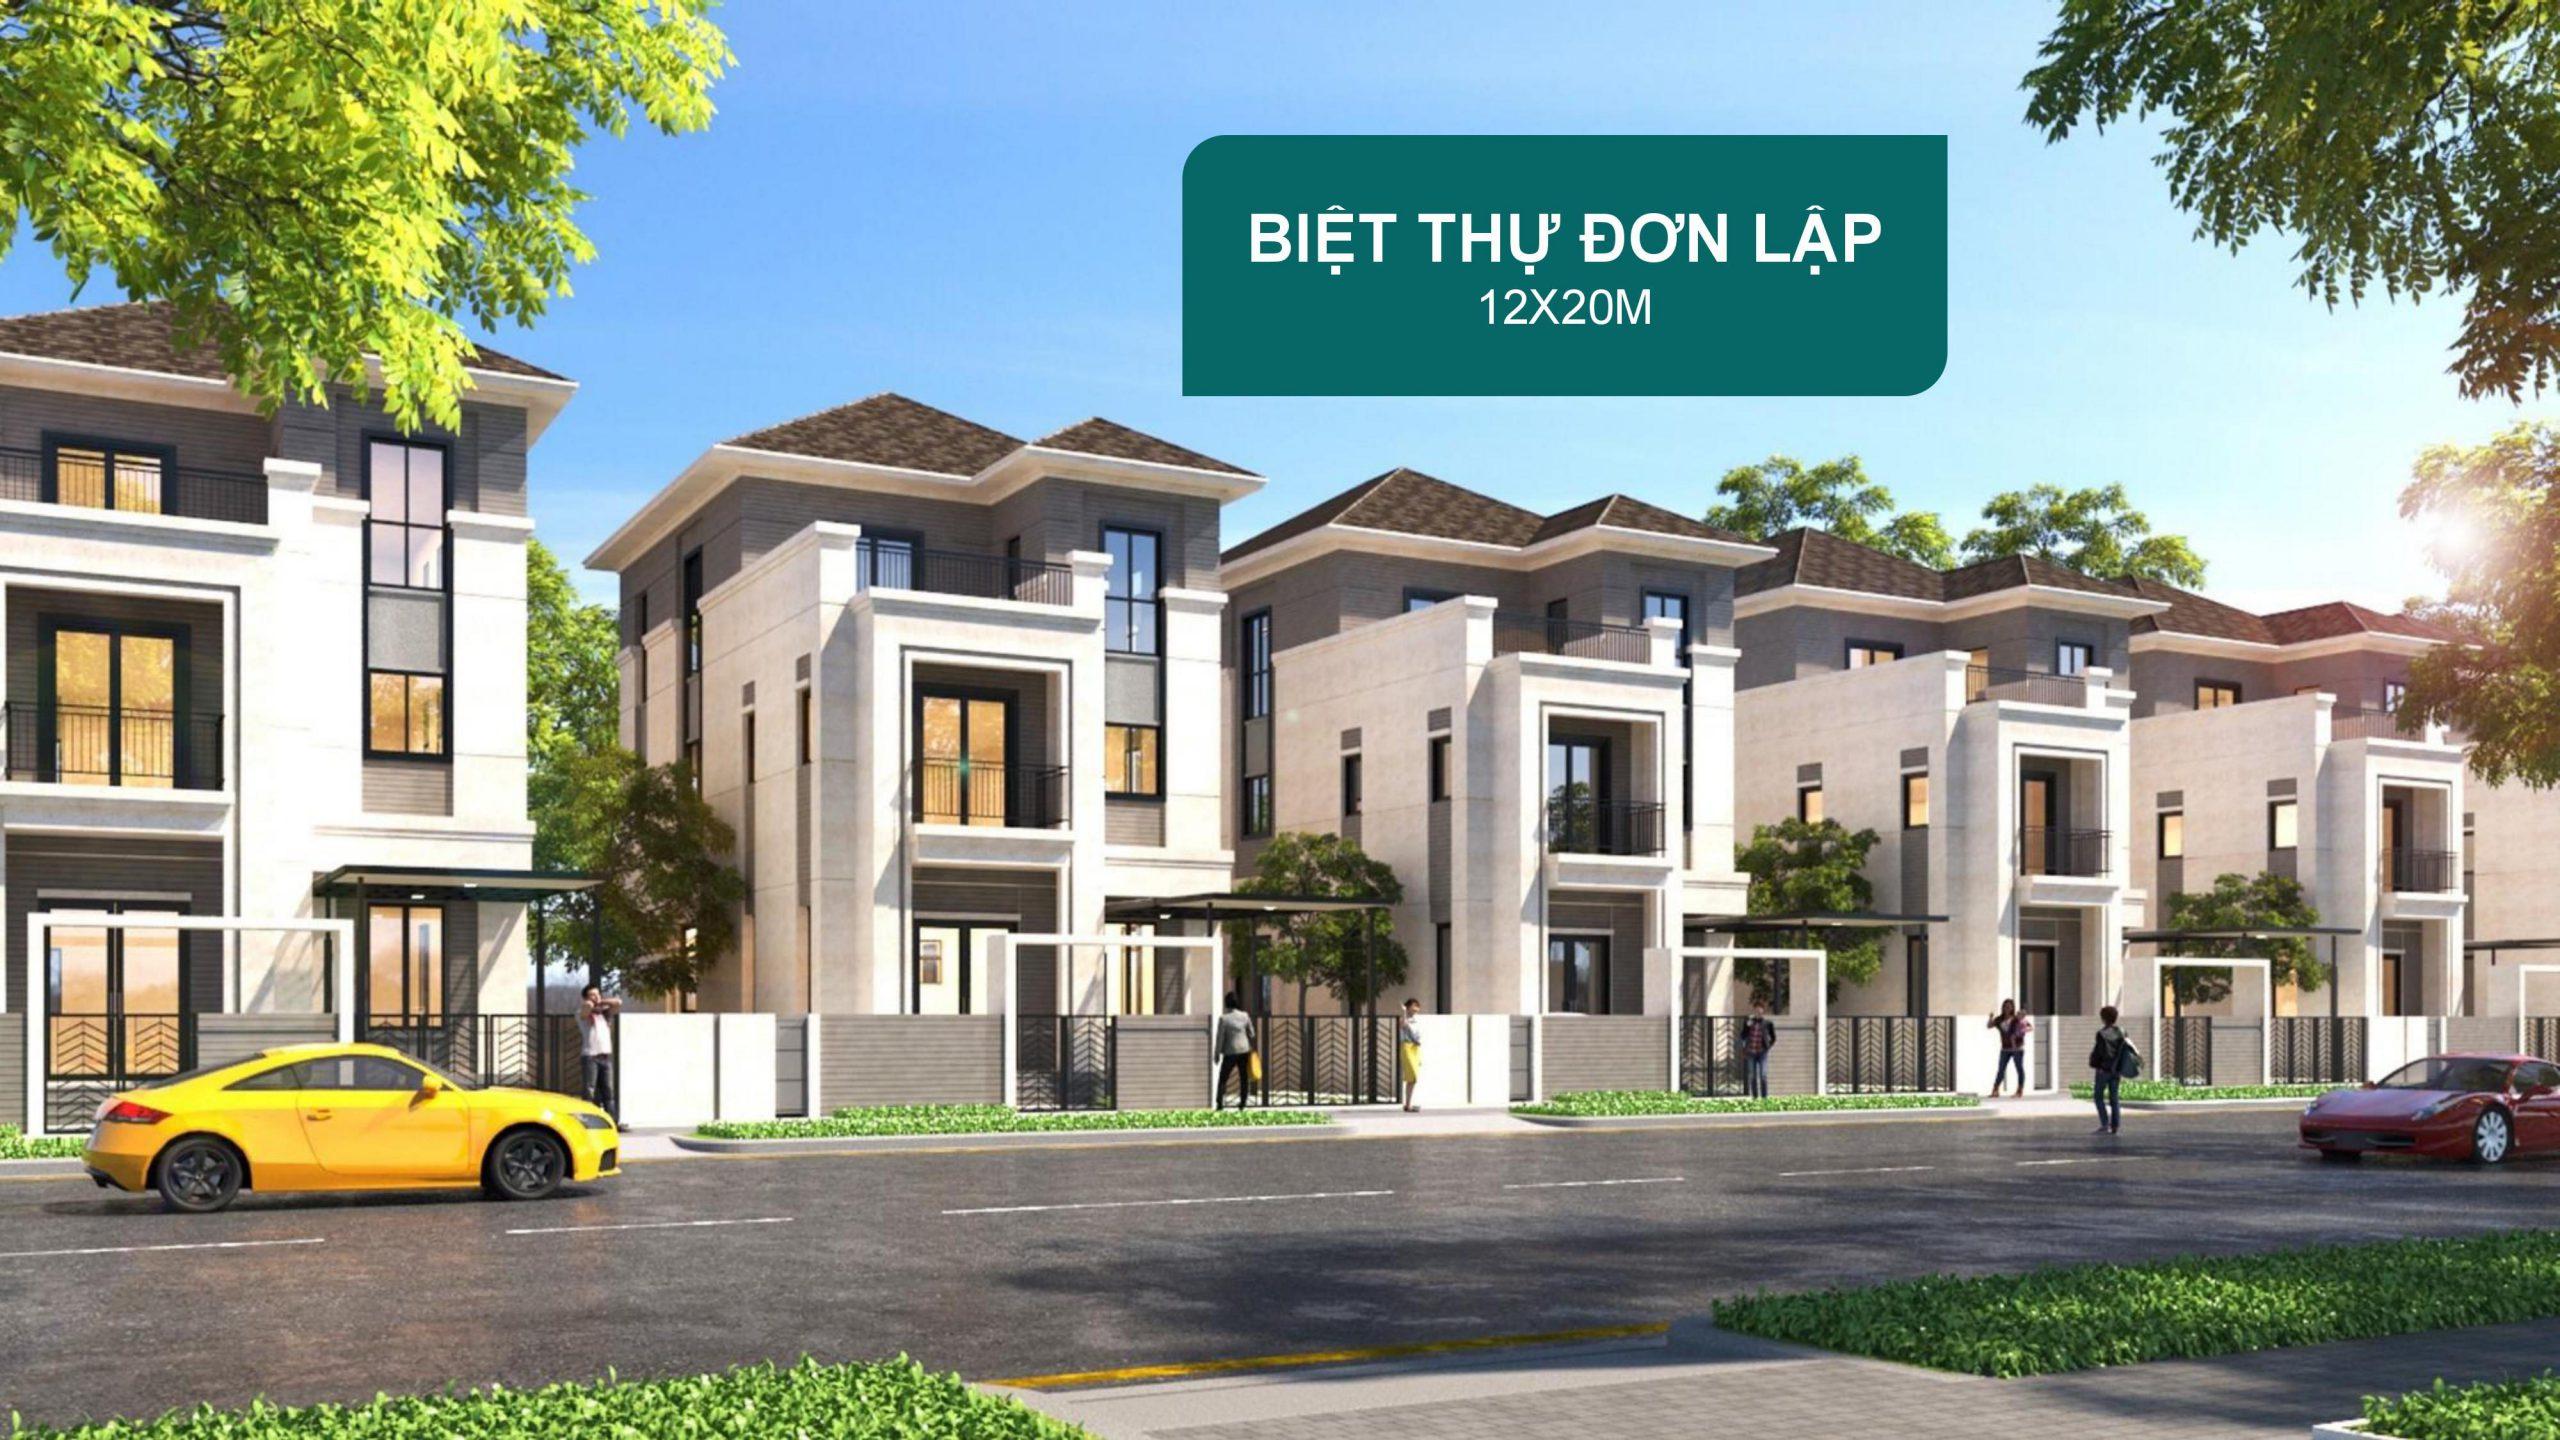 Biet Thu Don Lap Aqua City 12x20